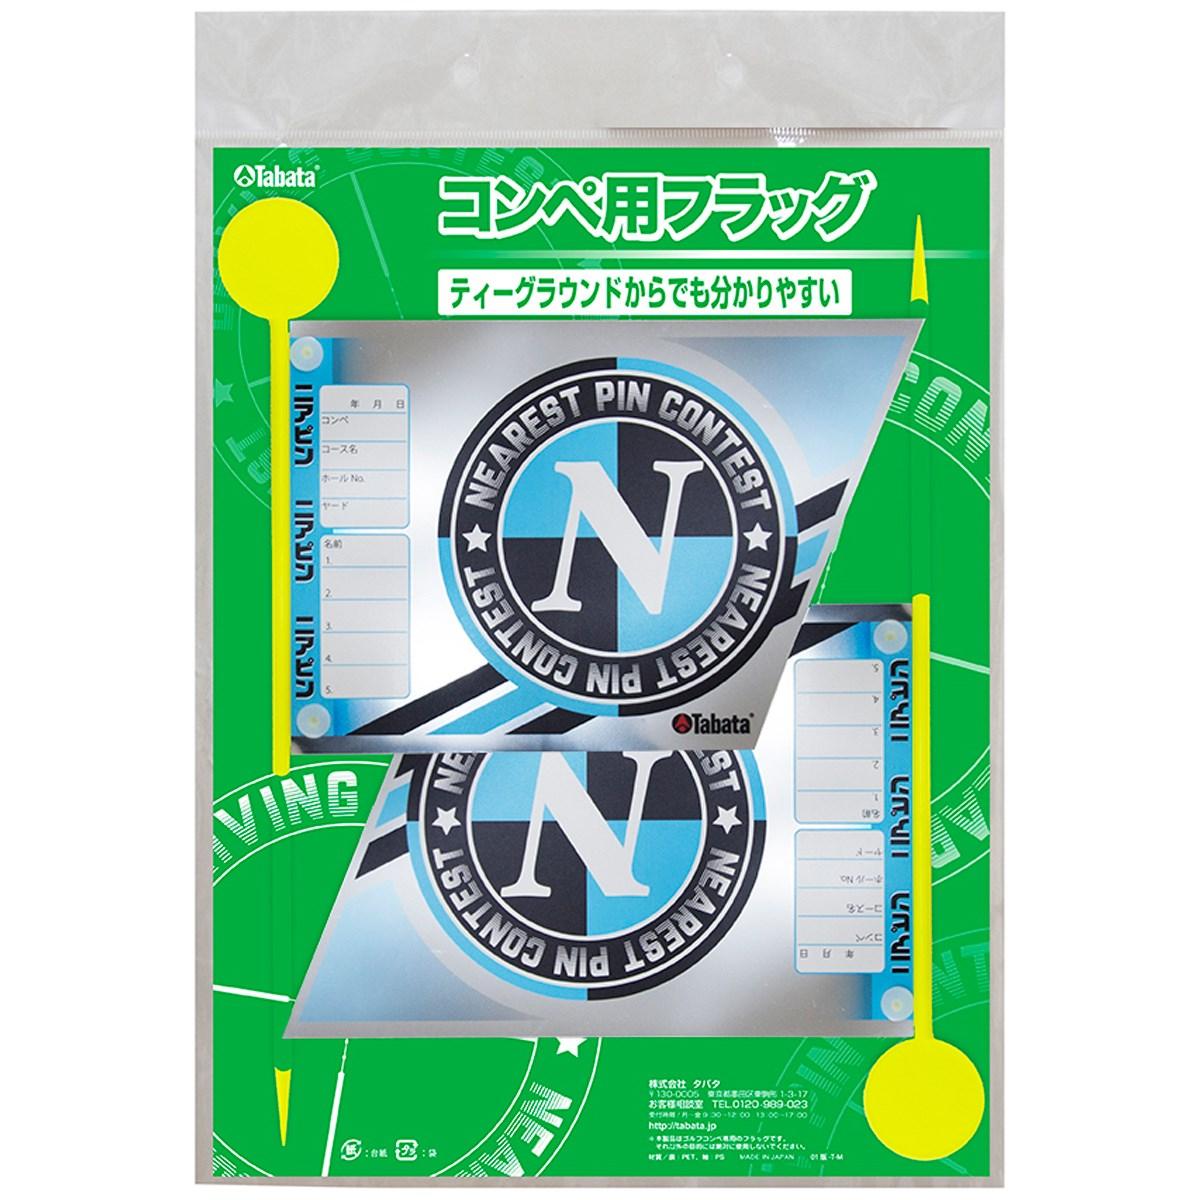 タバタ Tabata コンペ用フラッグ(ニアピン2本入り) シルバー/ブラック/ブルー